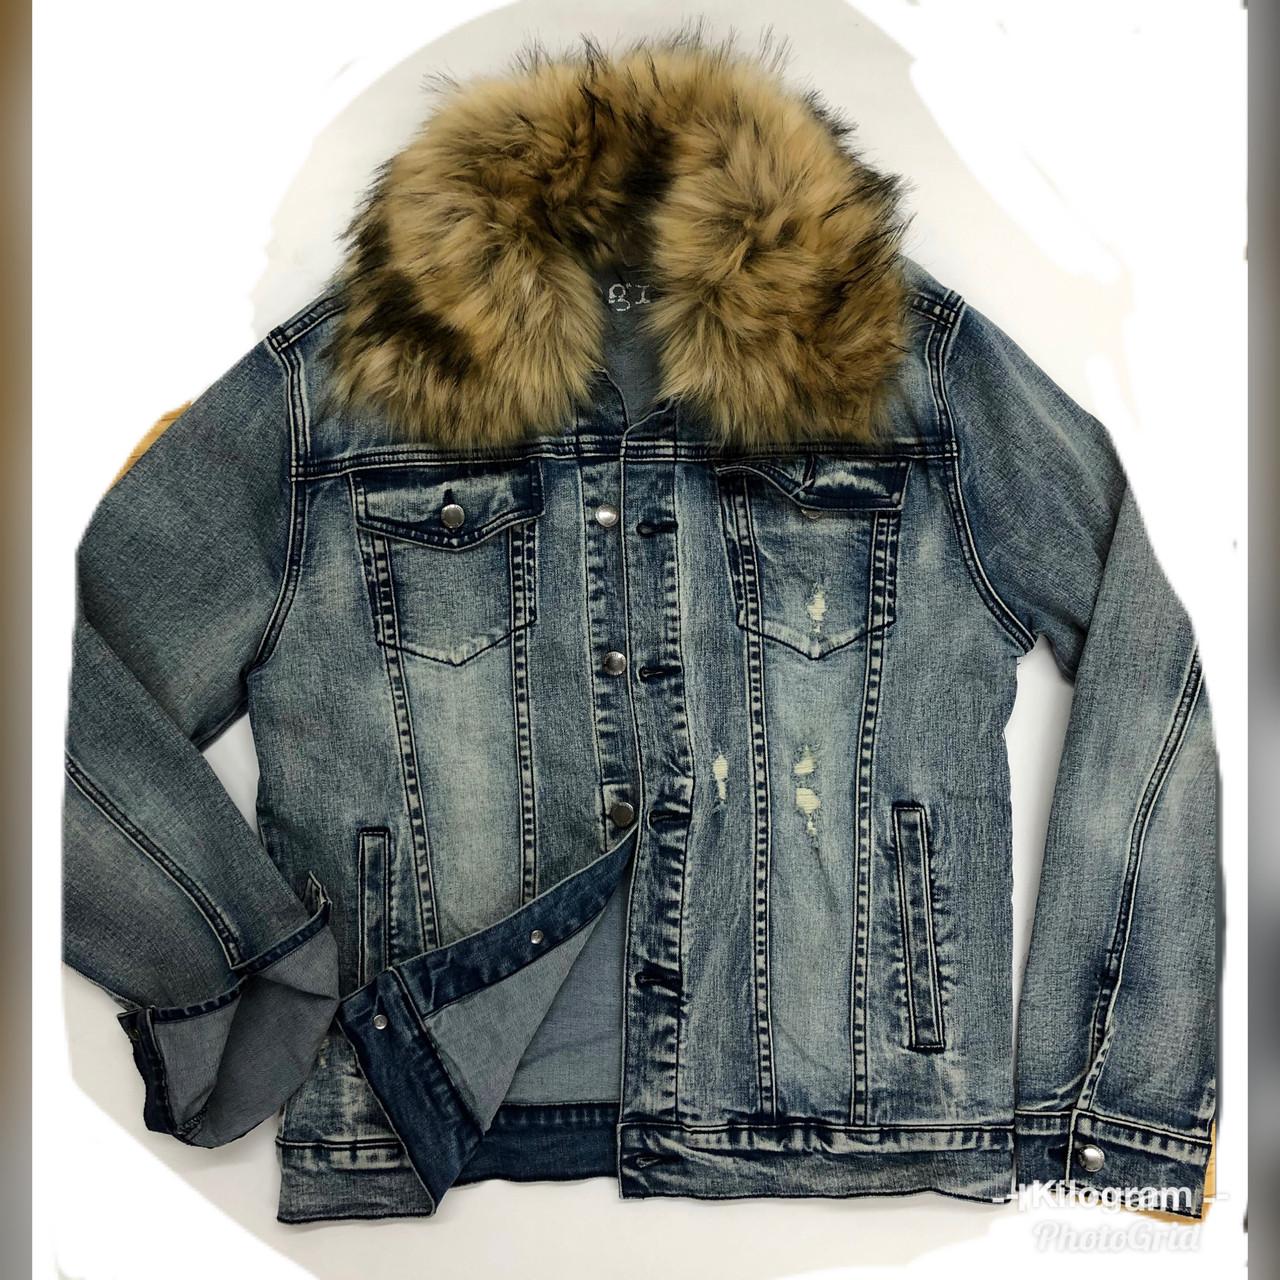 28085603 Detachable Faux Fur Denim JACKET KG7802 - LT BLUE - Kilogram Clothing